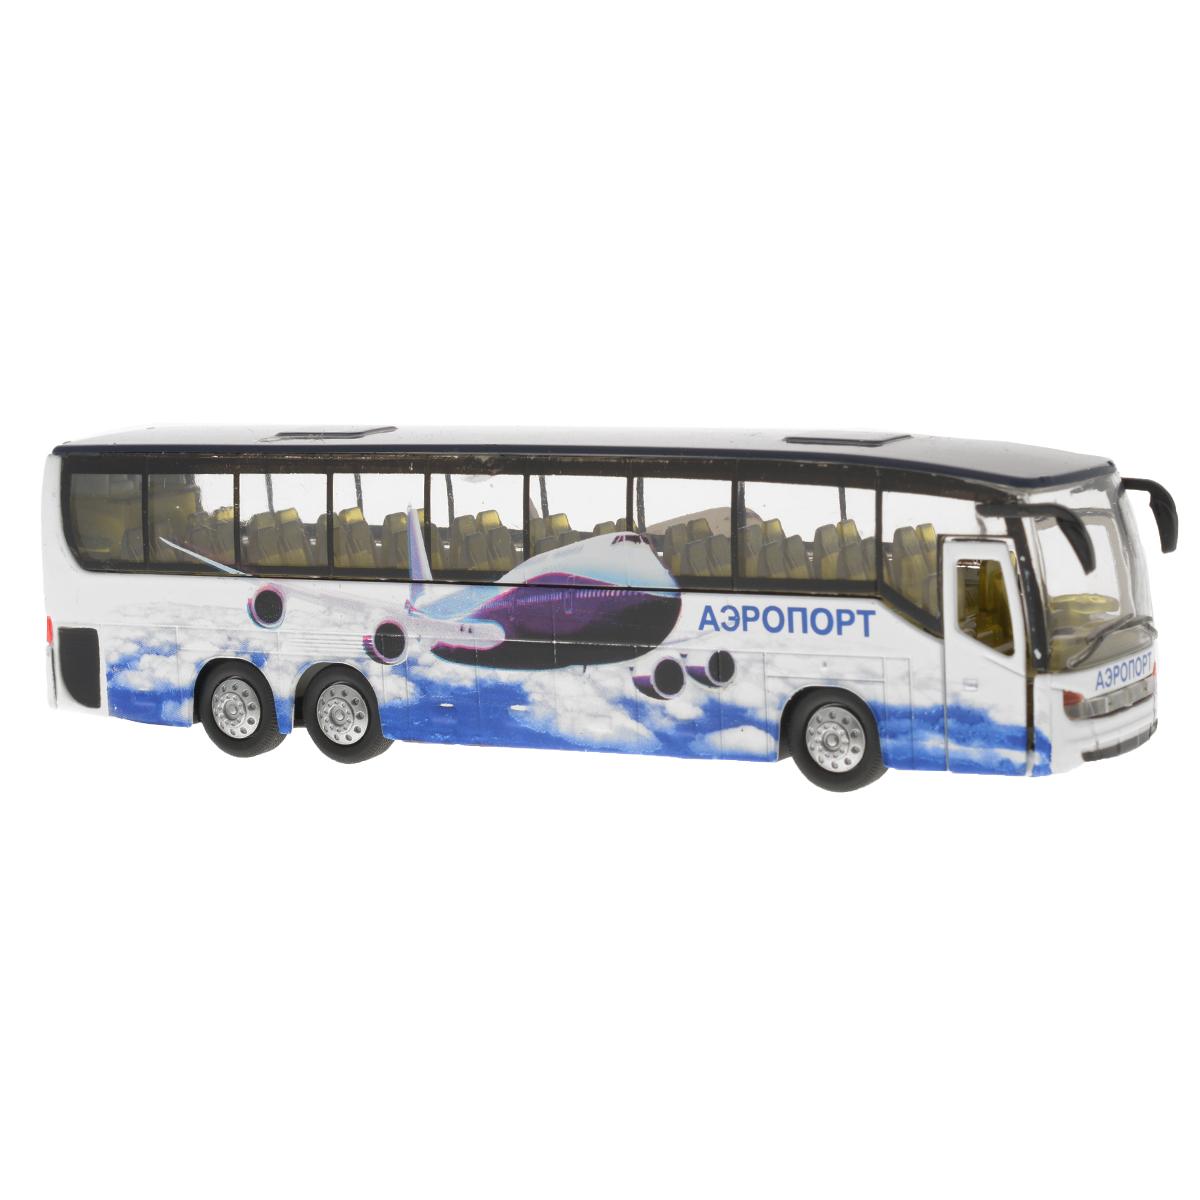 Игрушка инерционная ТехноПарк Автобус. CT10-025(SB) спот ★ импортированные голубой автобус автобус автобус автомобиль тайо игрушка тянуть обратно автомобиль корея продукты